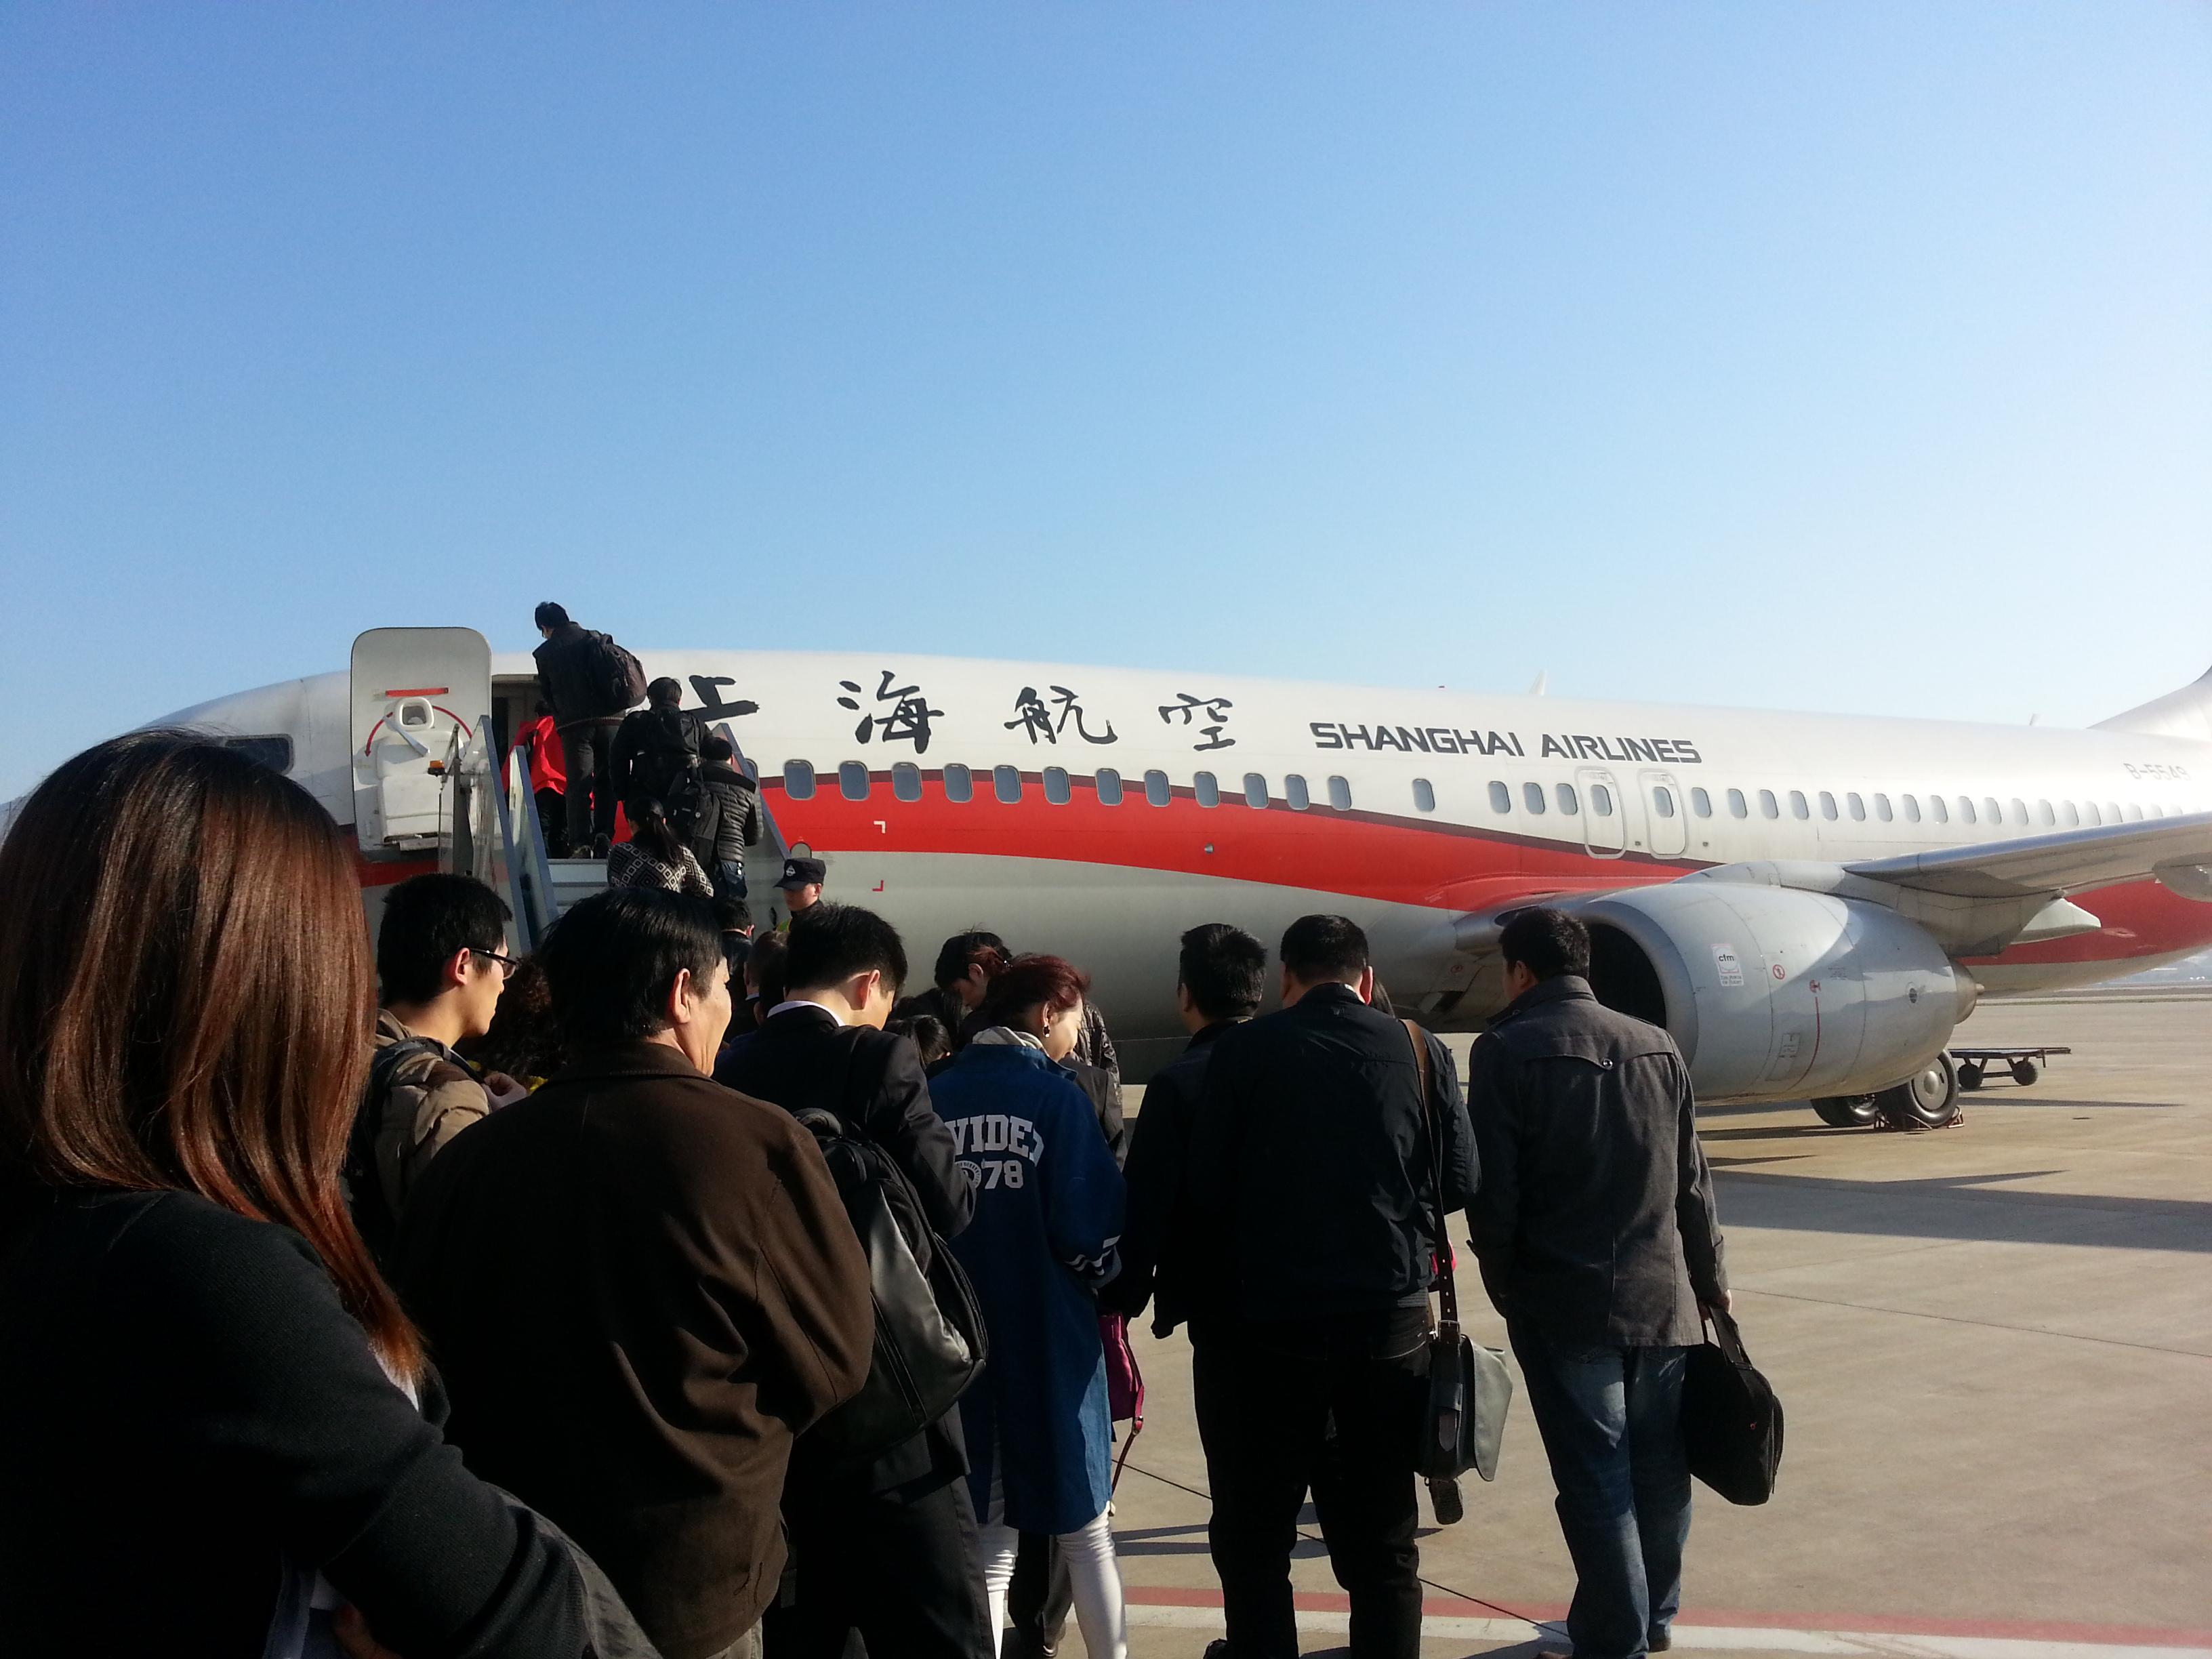 坐的是上海航空的小飞机~~飞机餐有面包/面+酸奶